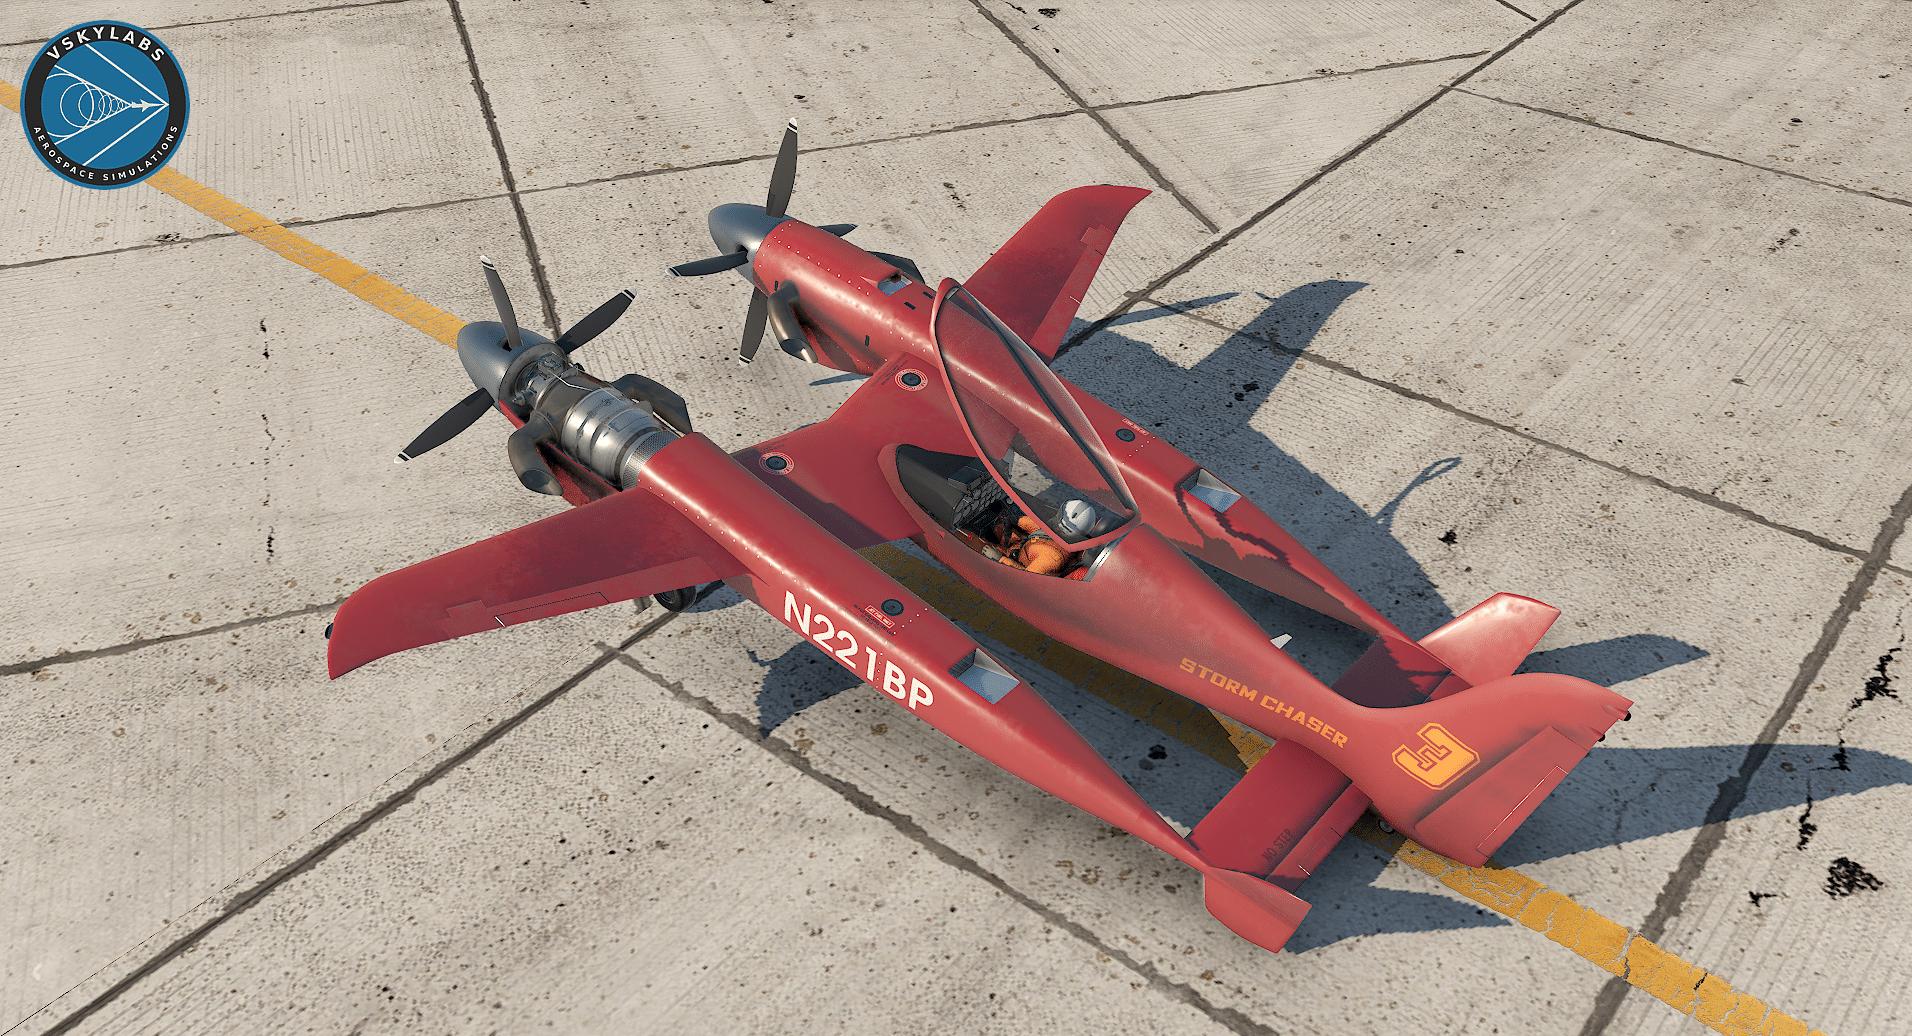 vskylabs-model158-v1.0-livery-003